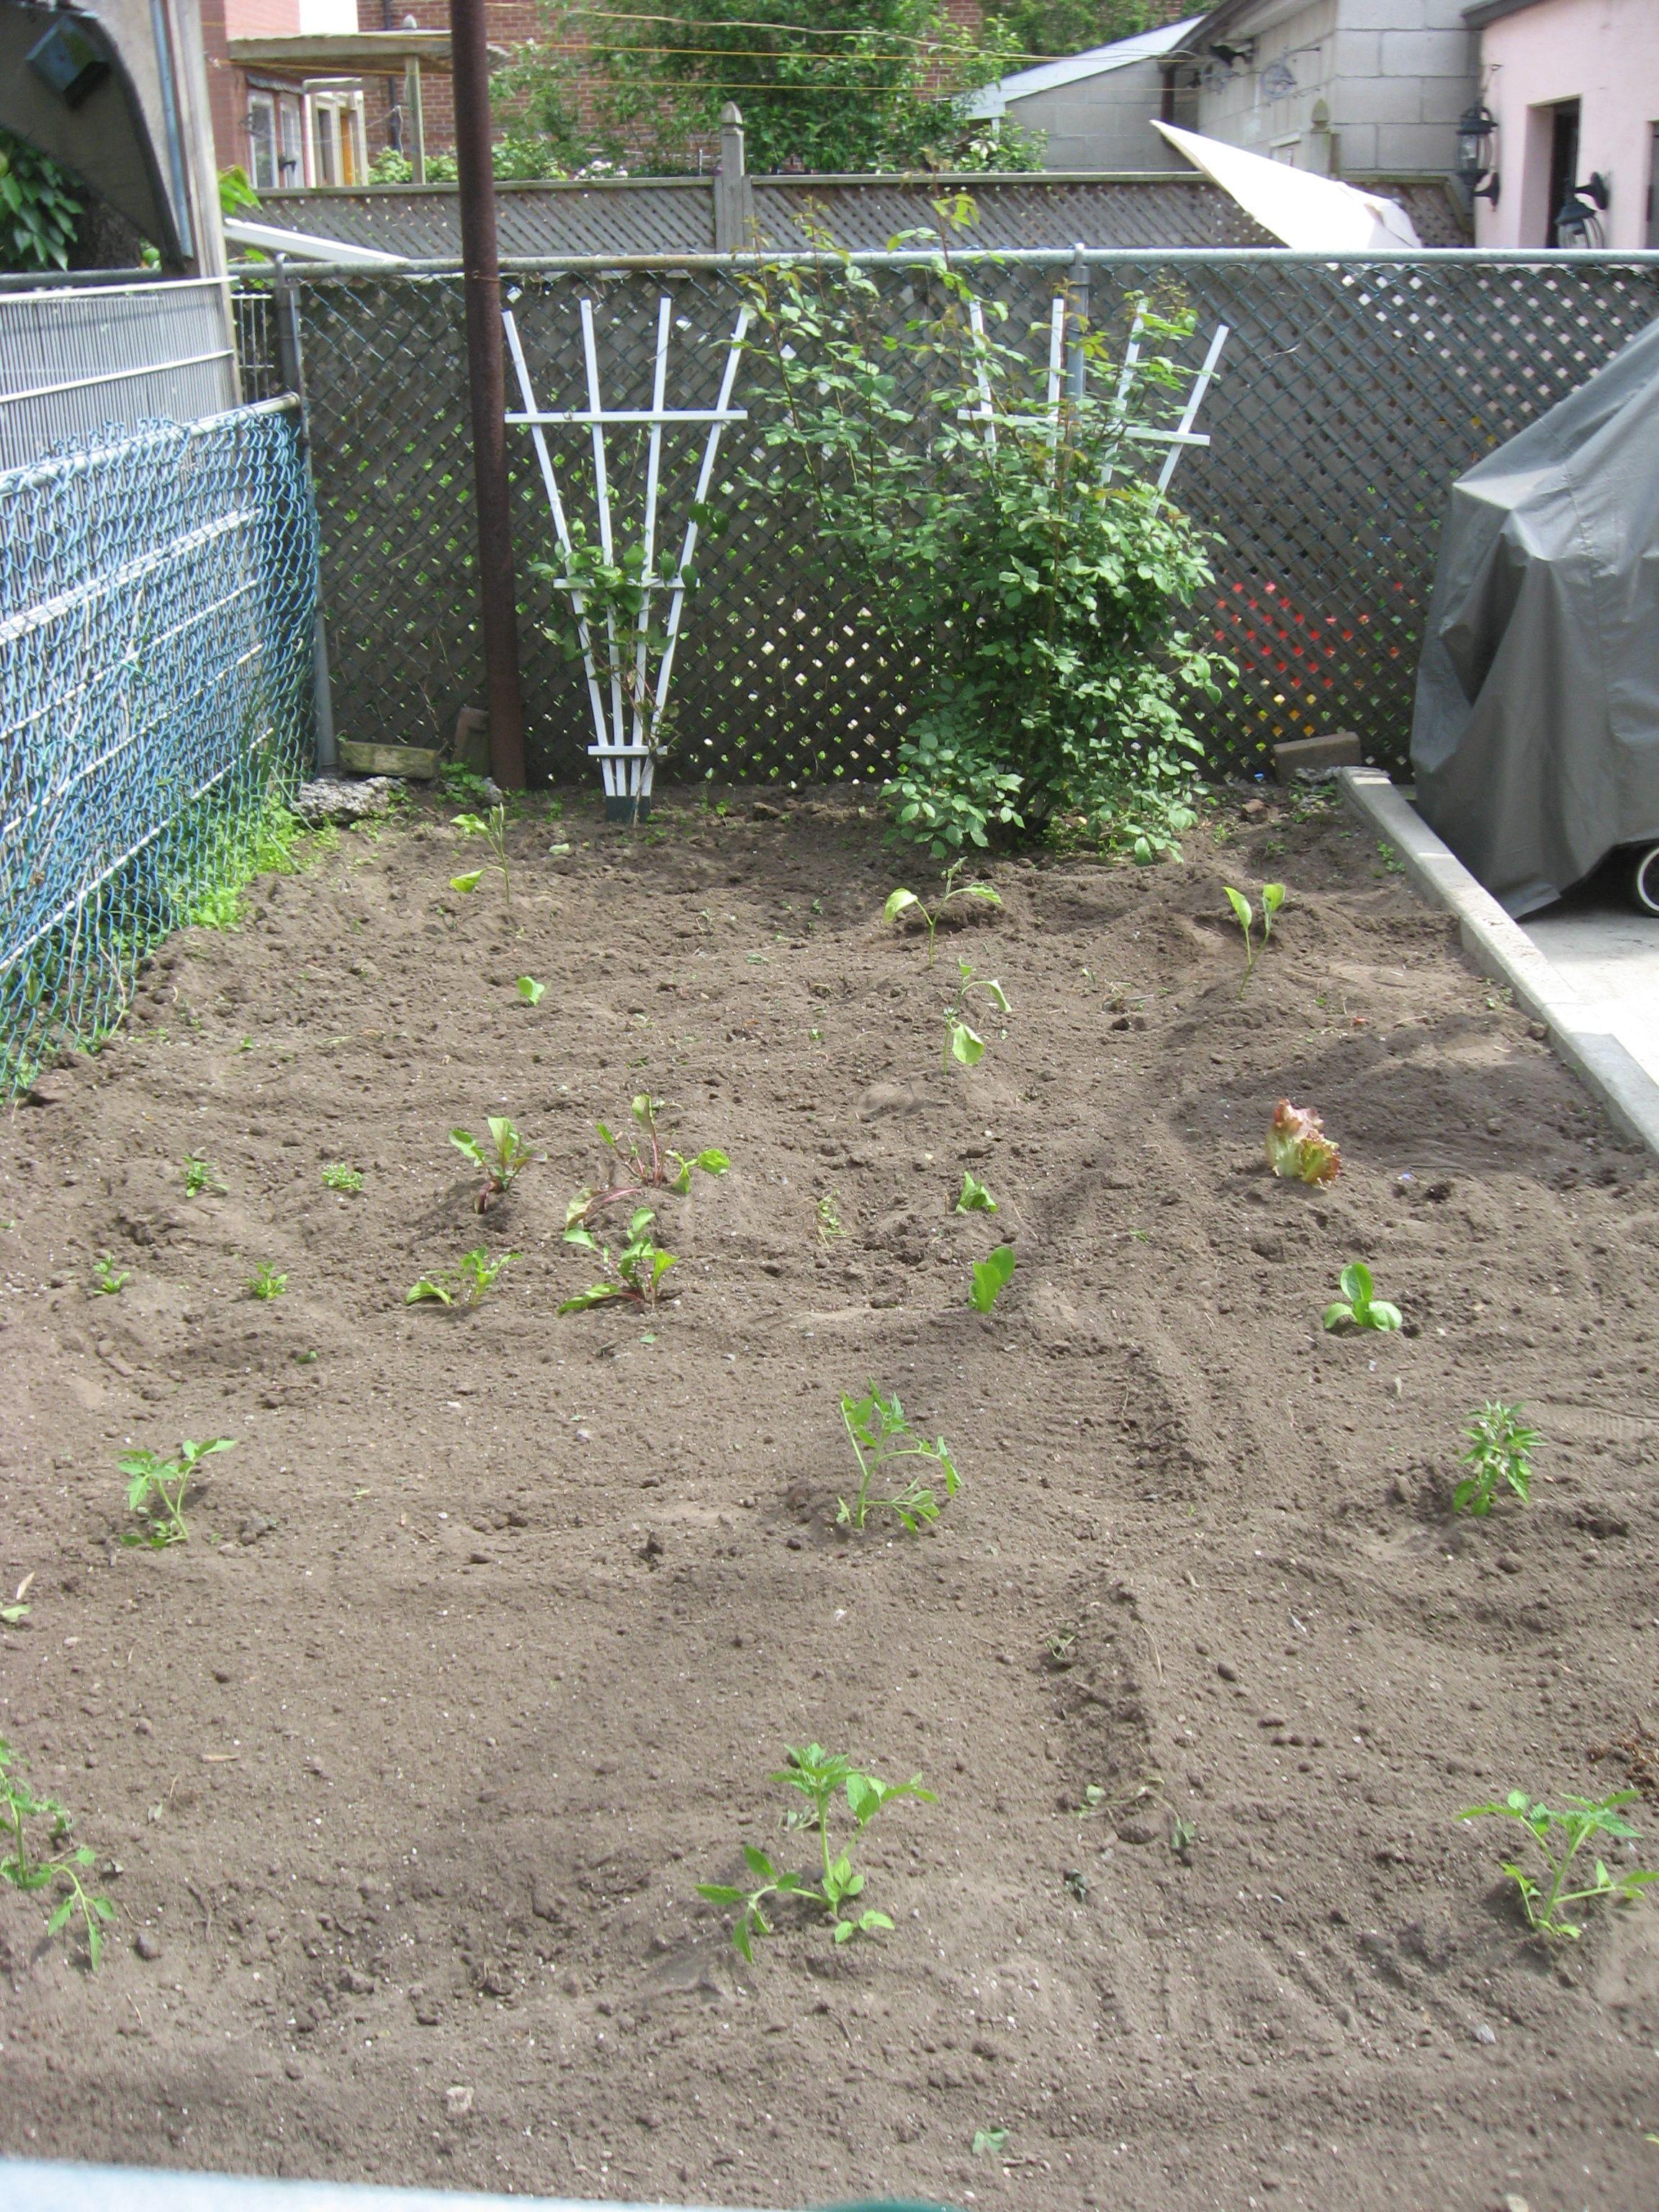 Garden Plot Week 1: June 6th